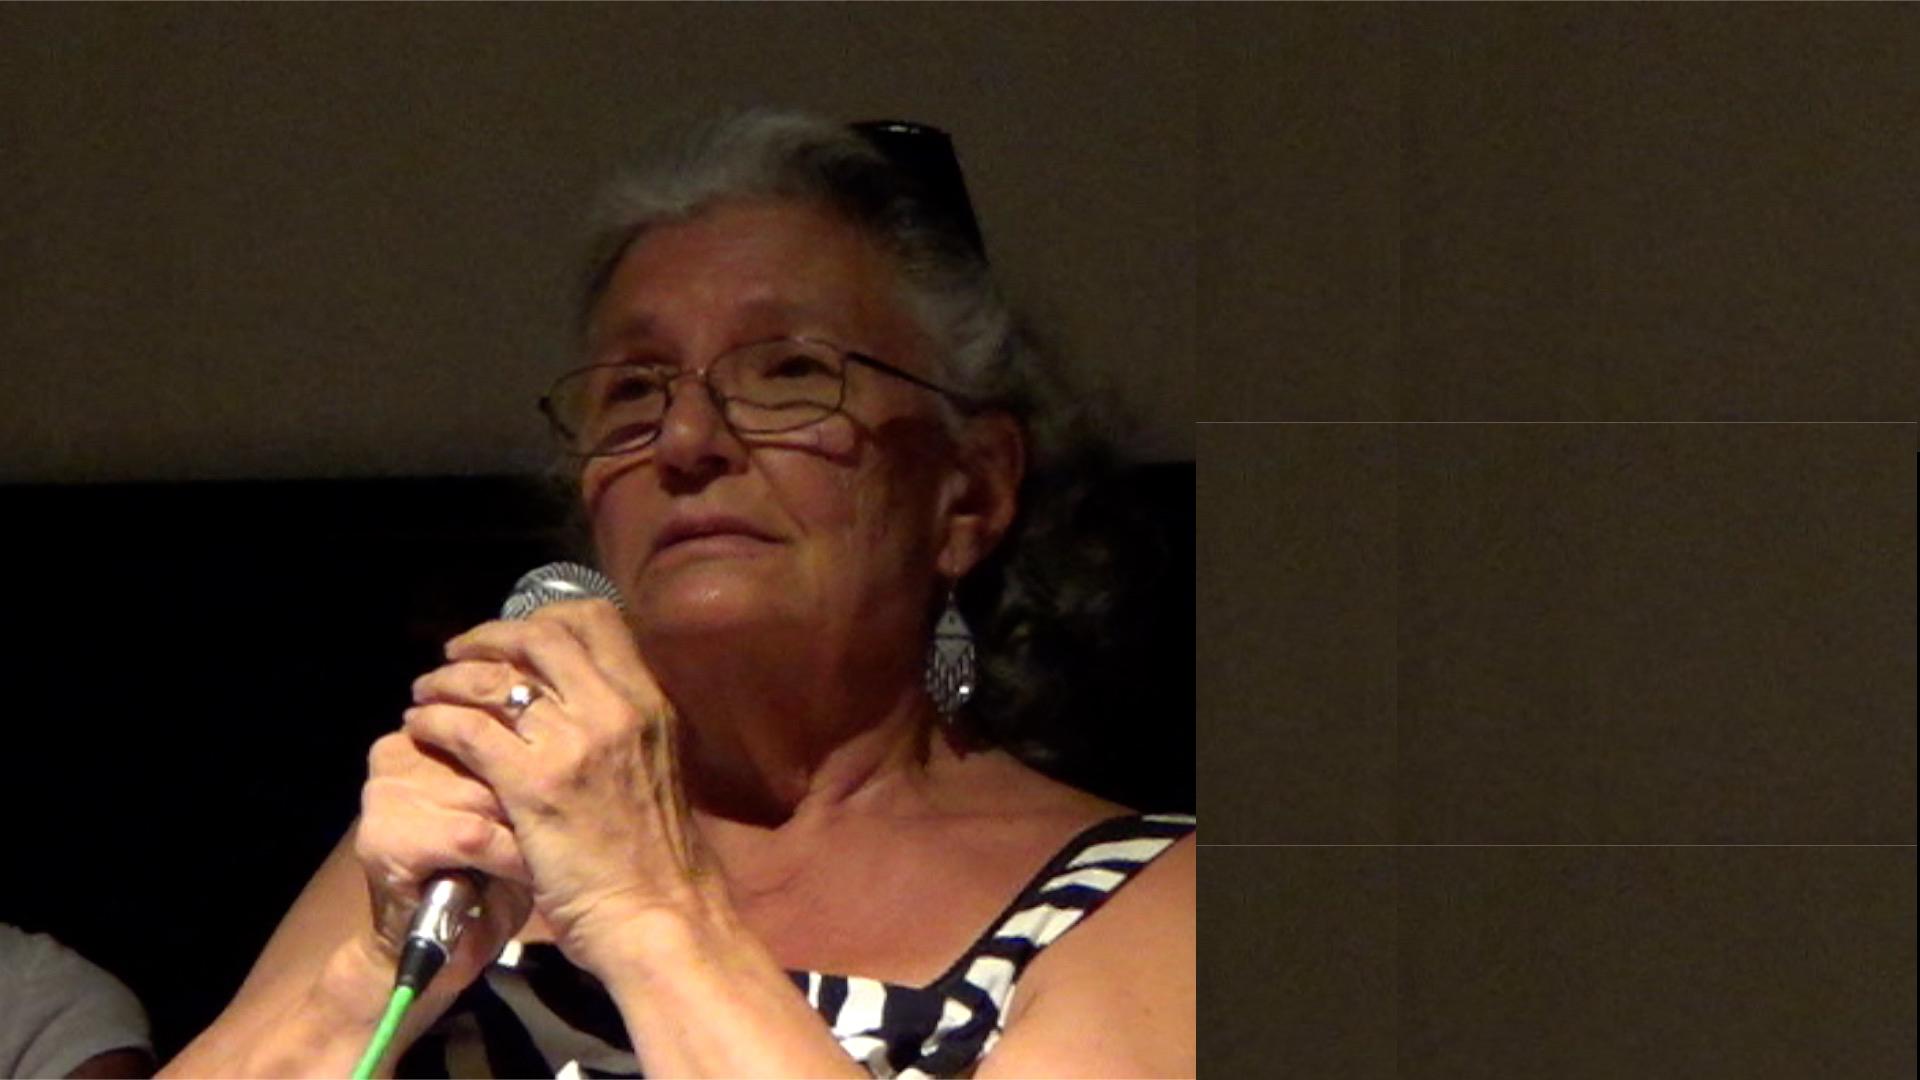 Norma Swenson